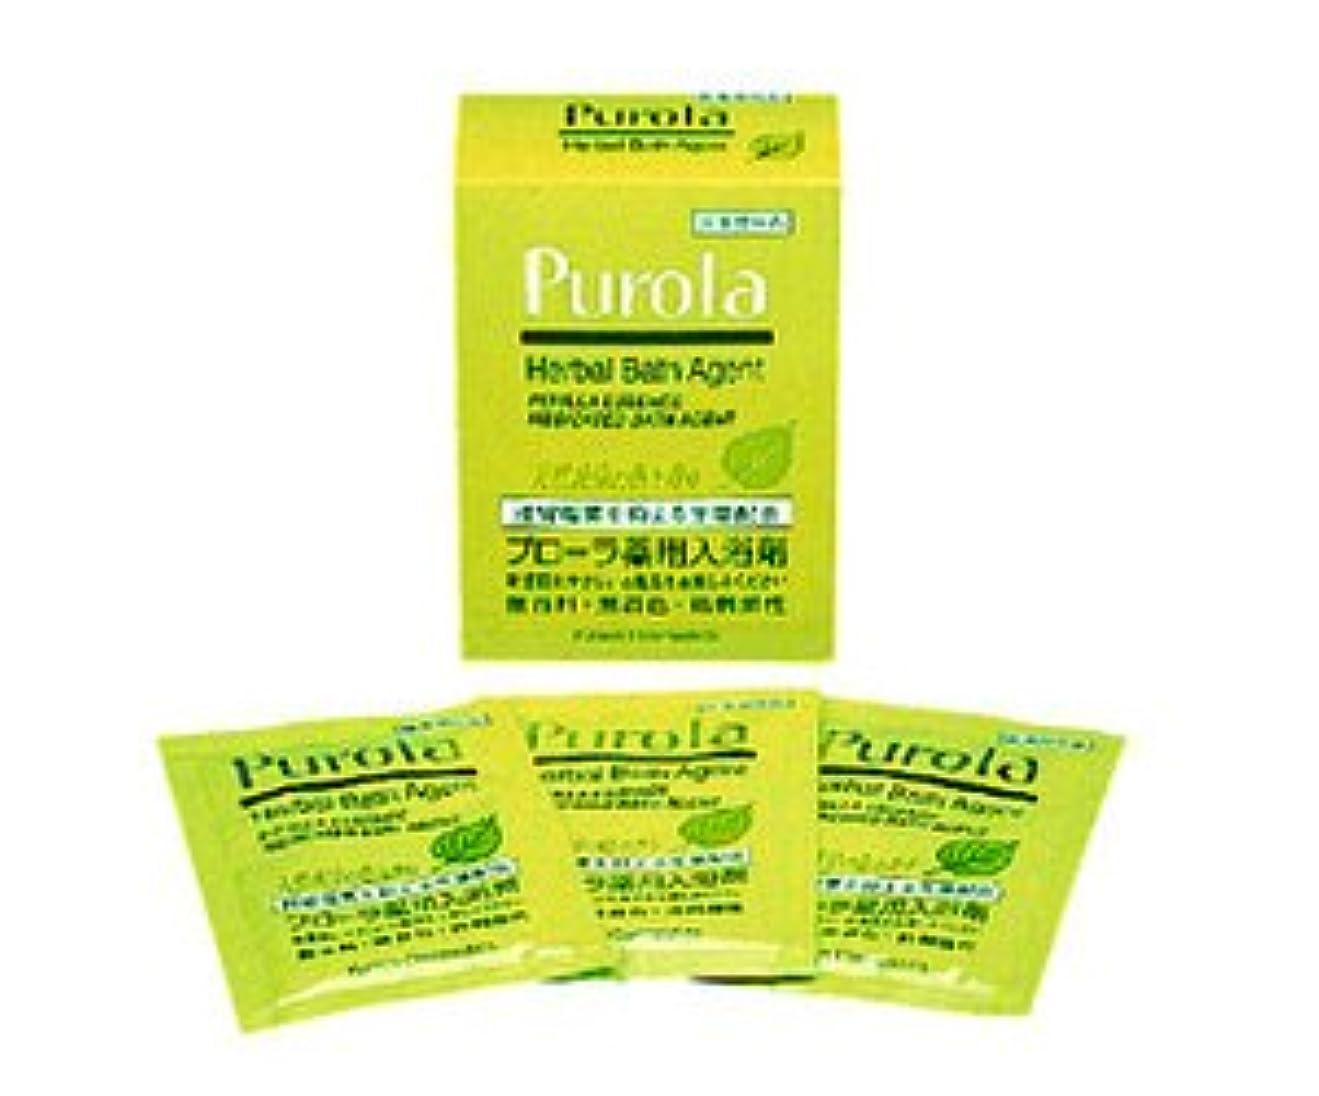 辞任する道活気づけるプローラ薬用入浴剤 25g×10包 低刺激性入浴剤